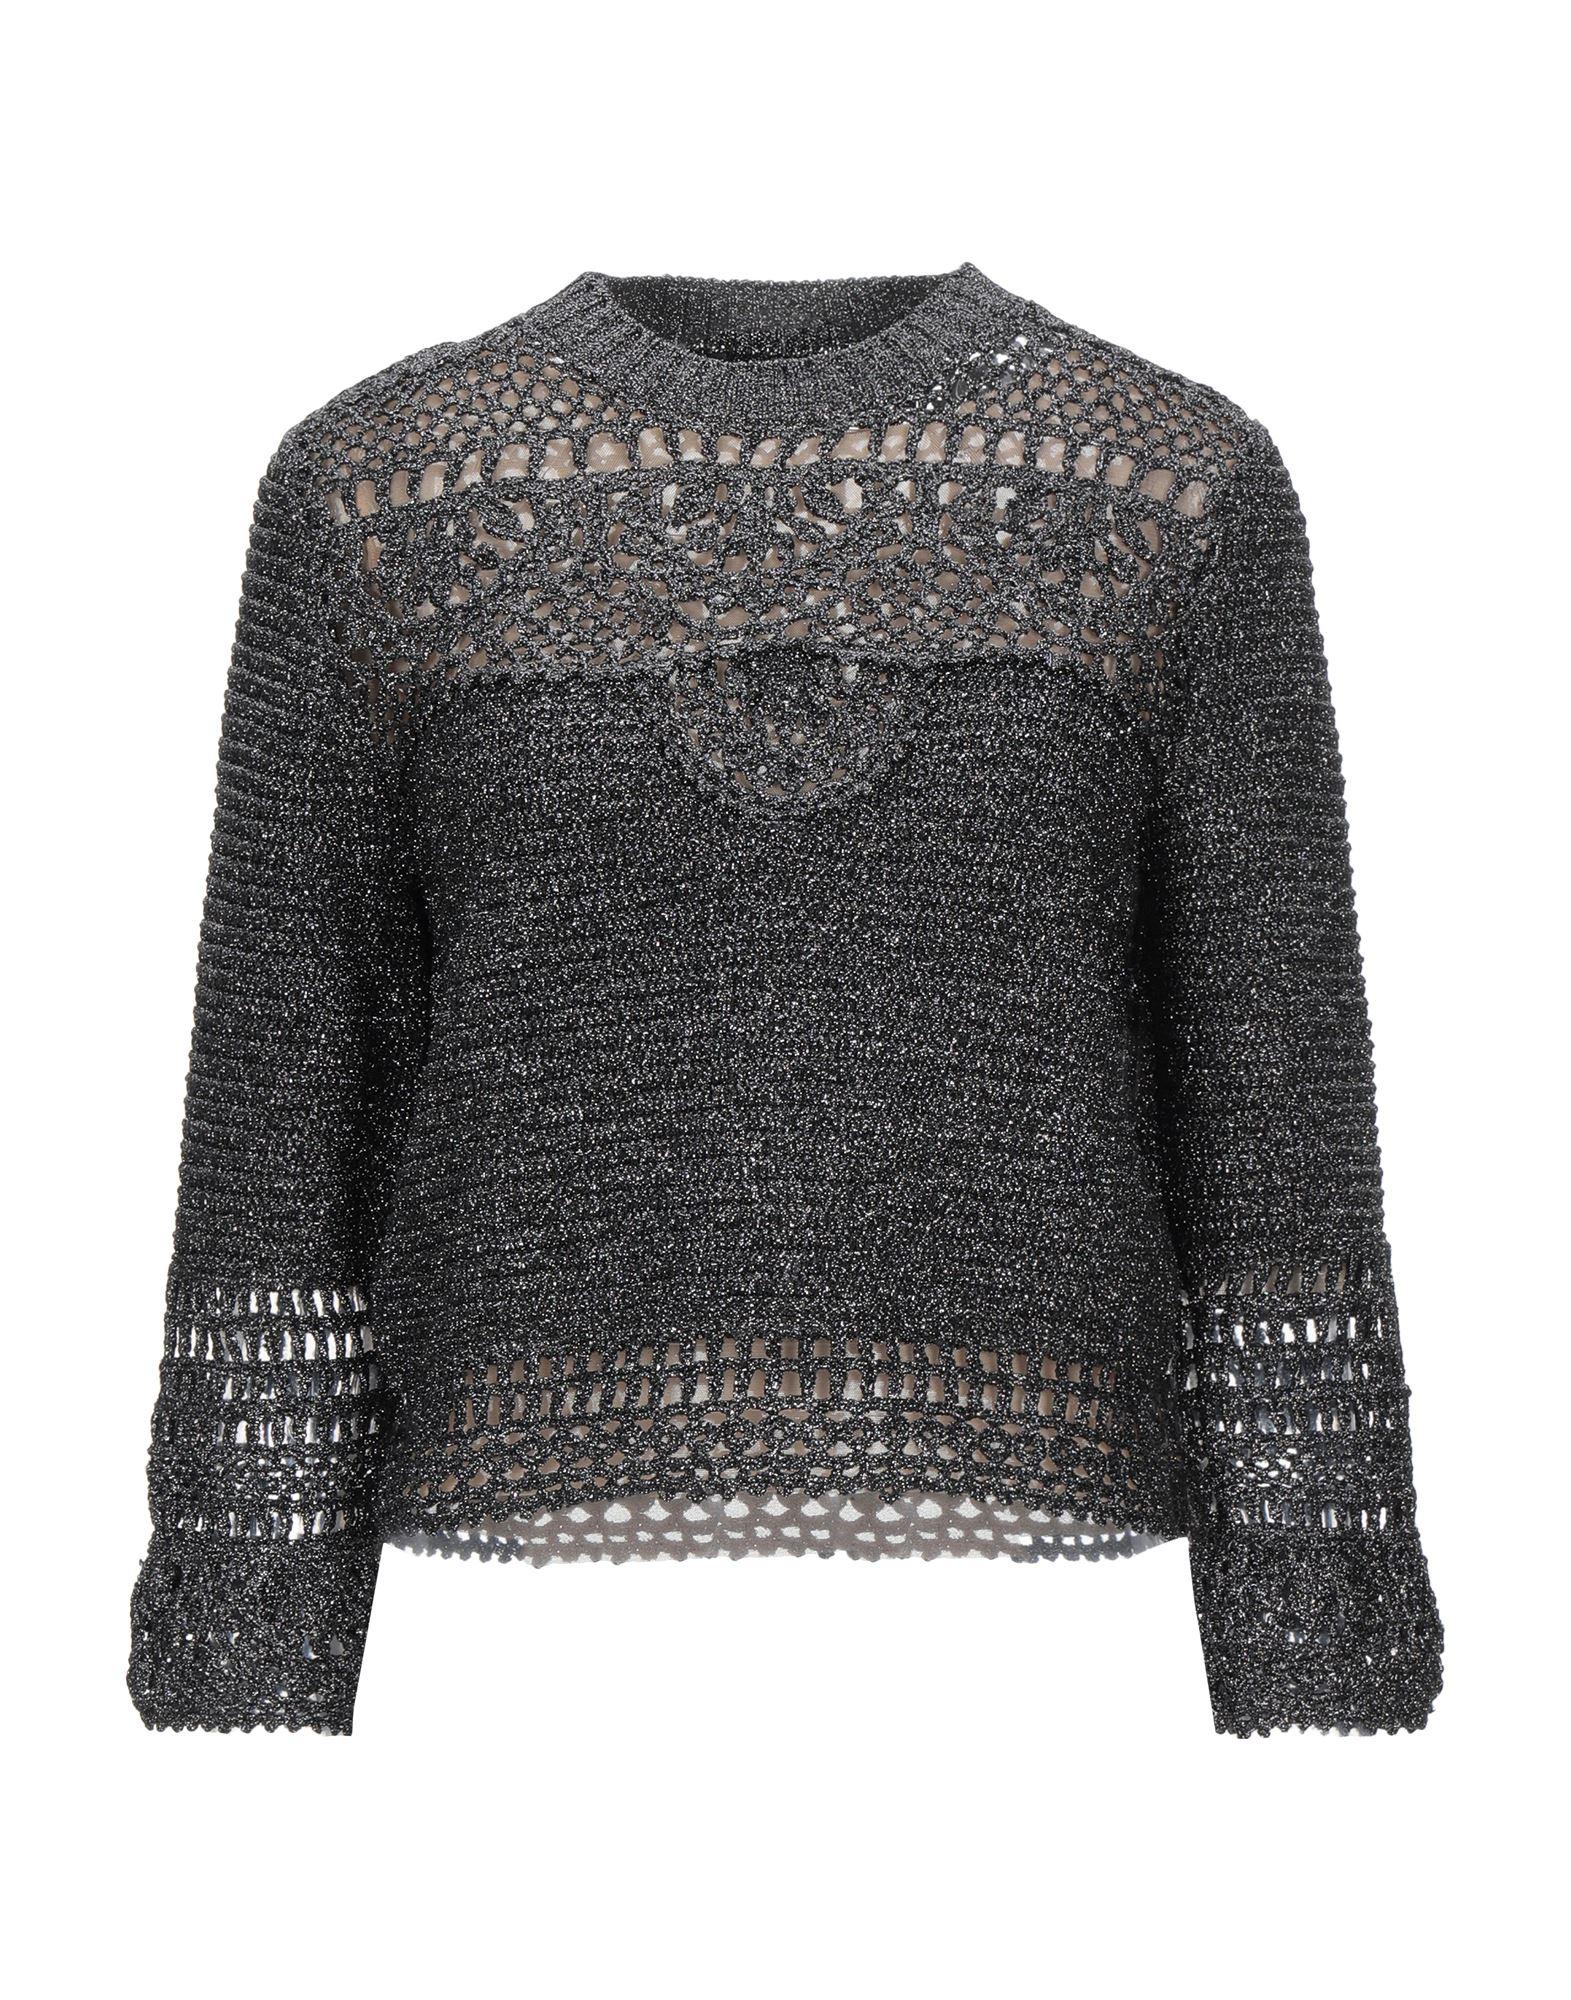 ALBERTA FERRETTI Sweaters - Item 14100289